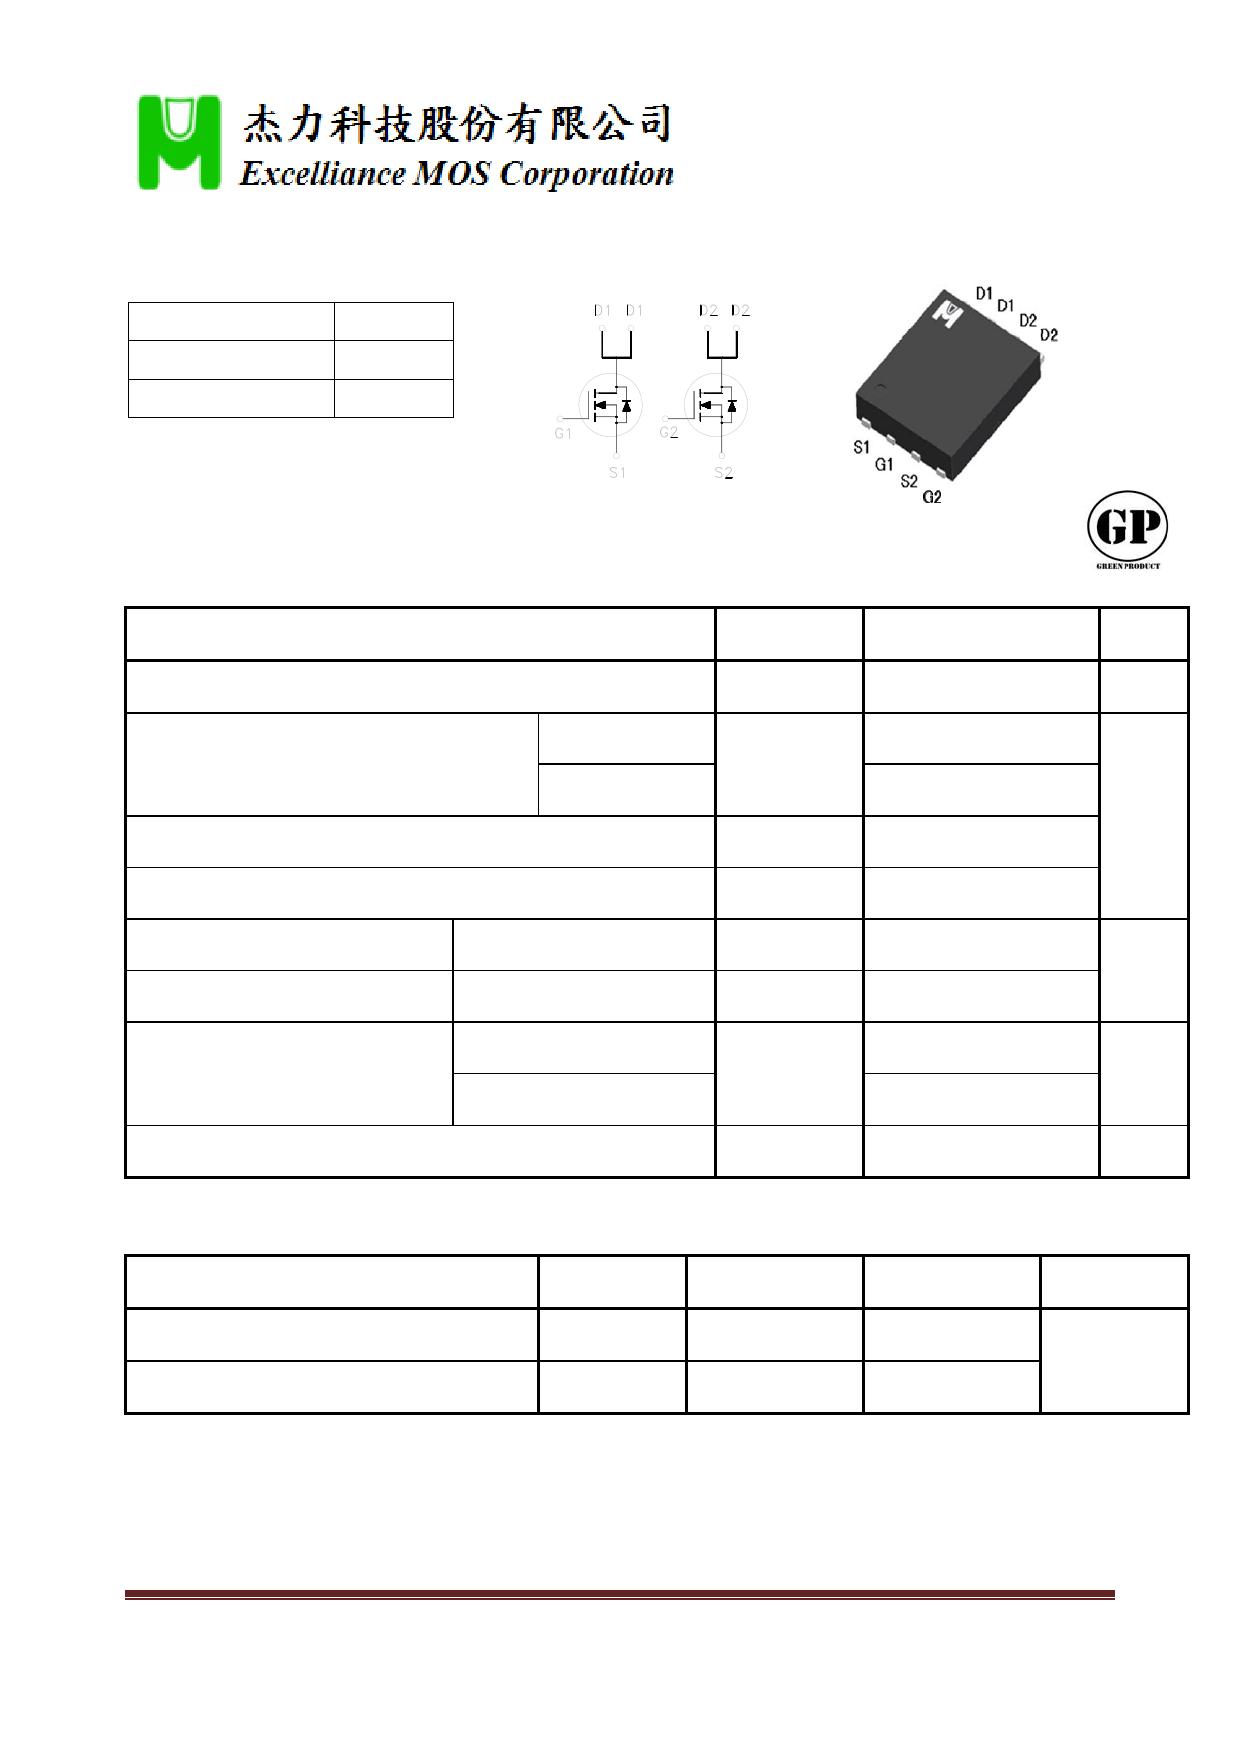 EMB17A03H دیتاشیت PDF